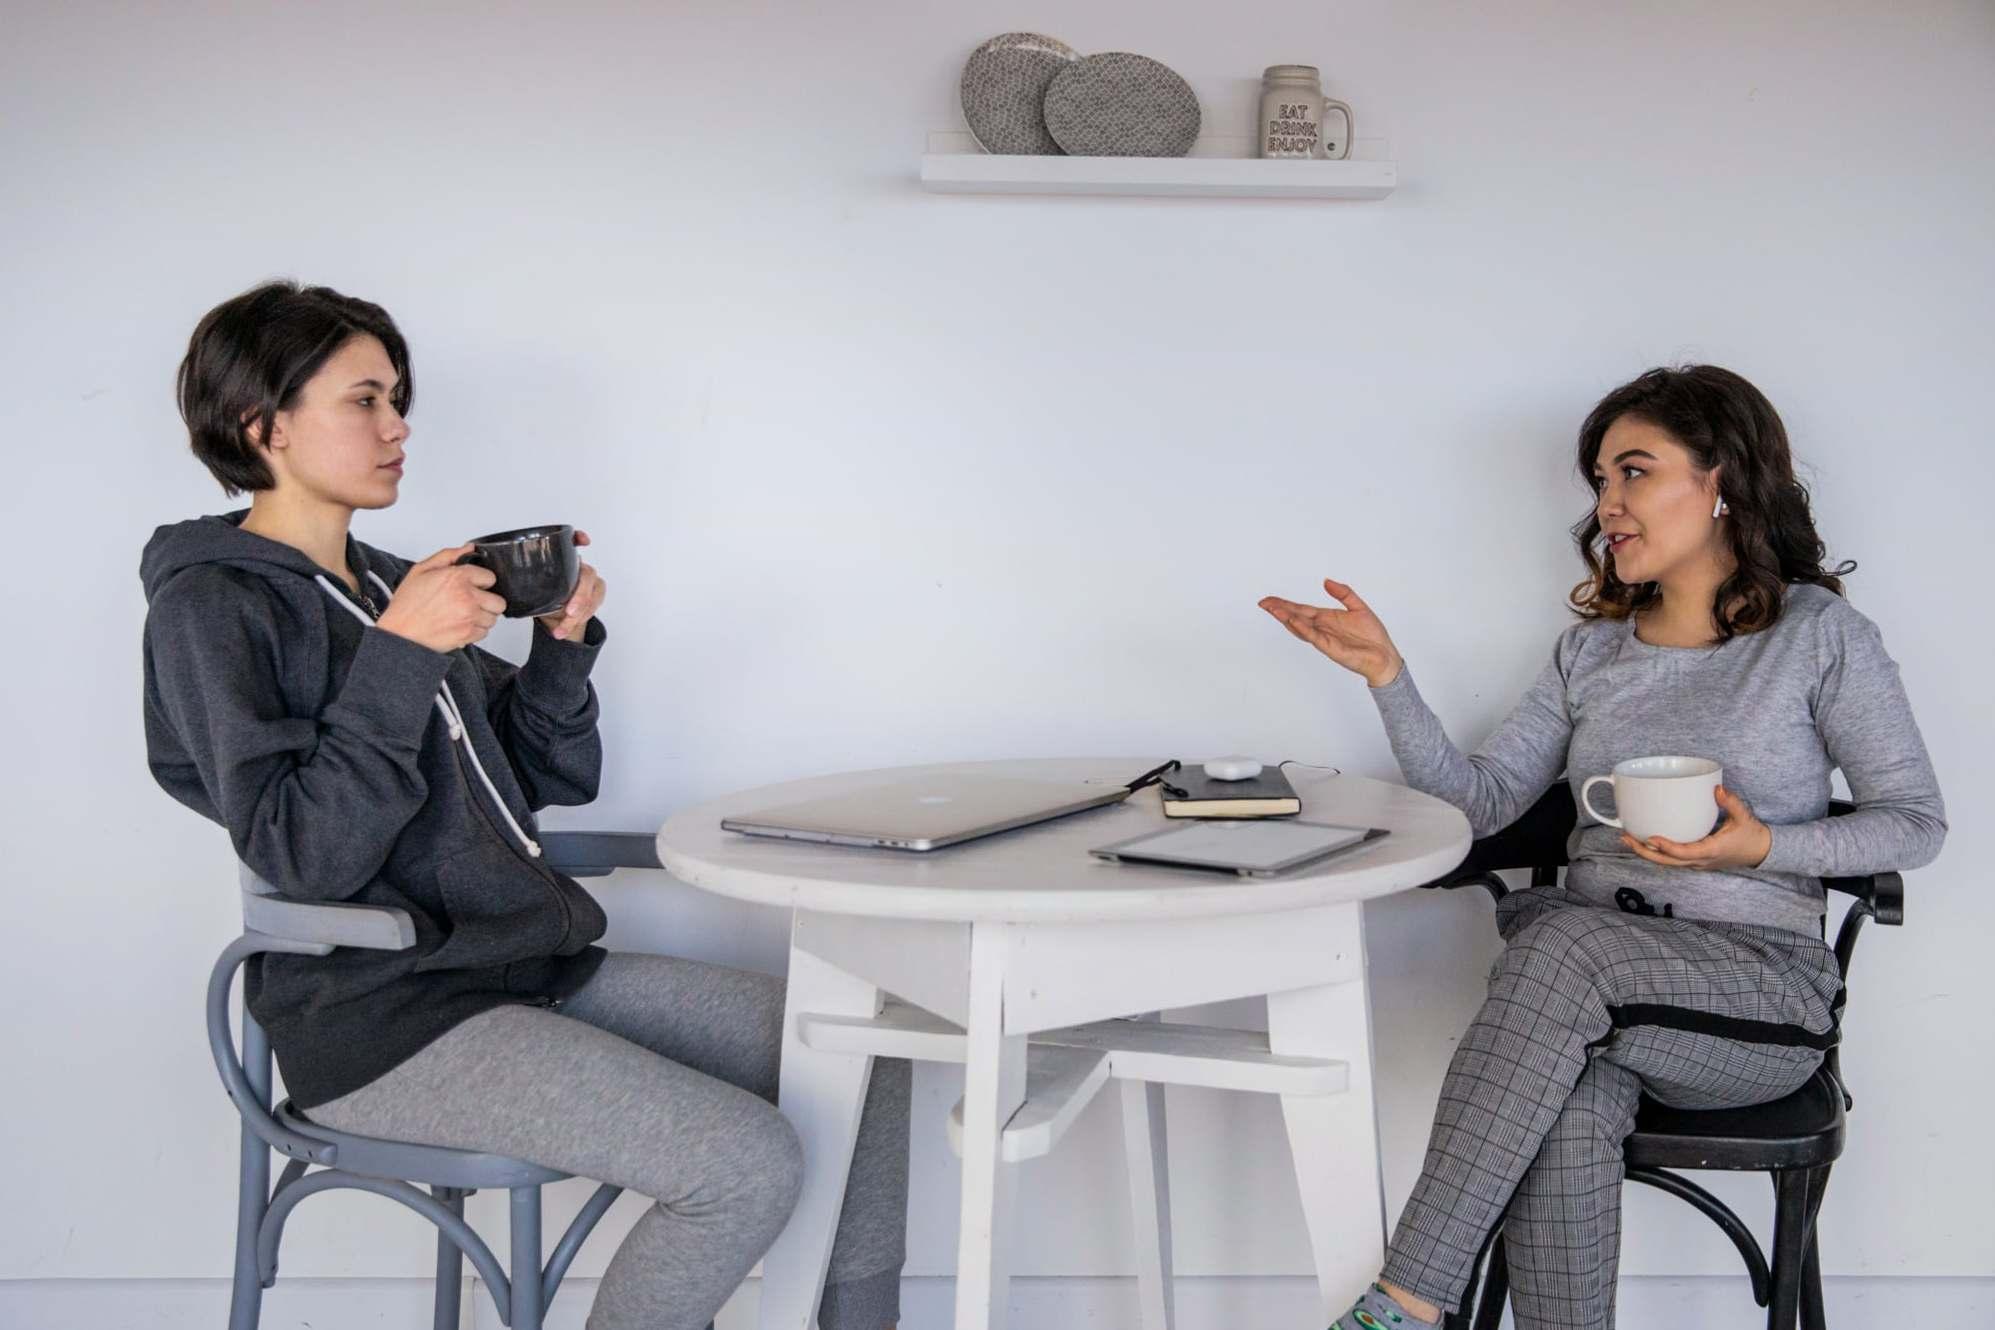 Bí quyết cho một cuộc trò chuyện sâu sắc: Đừng nói nhiều về bản thân